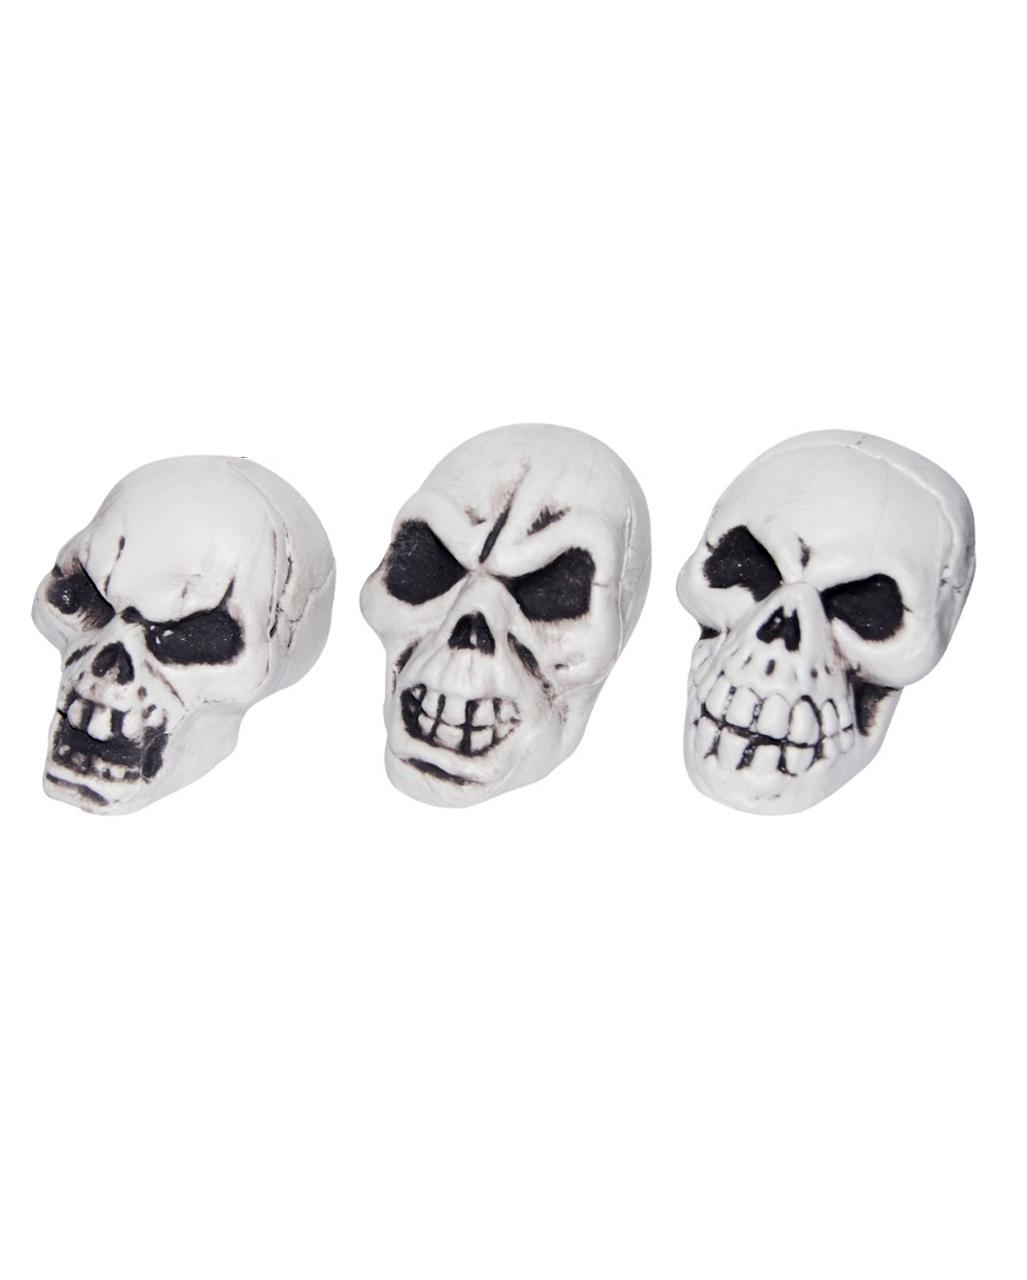 25 cm als Halloweendeko Zubehör Halloween Fasching Totenschädel Totenkopf ca